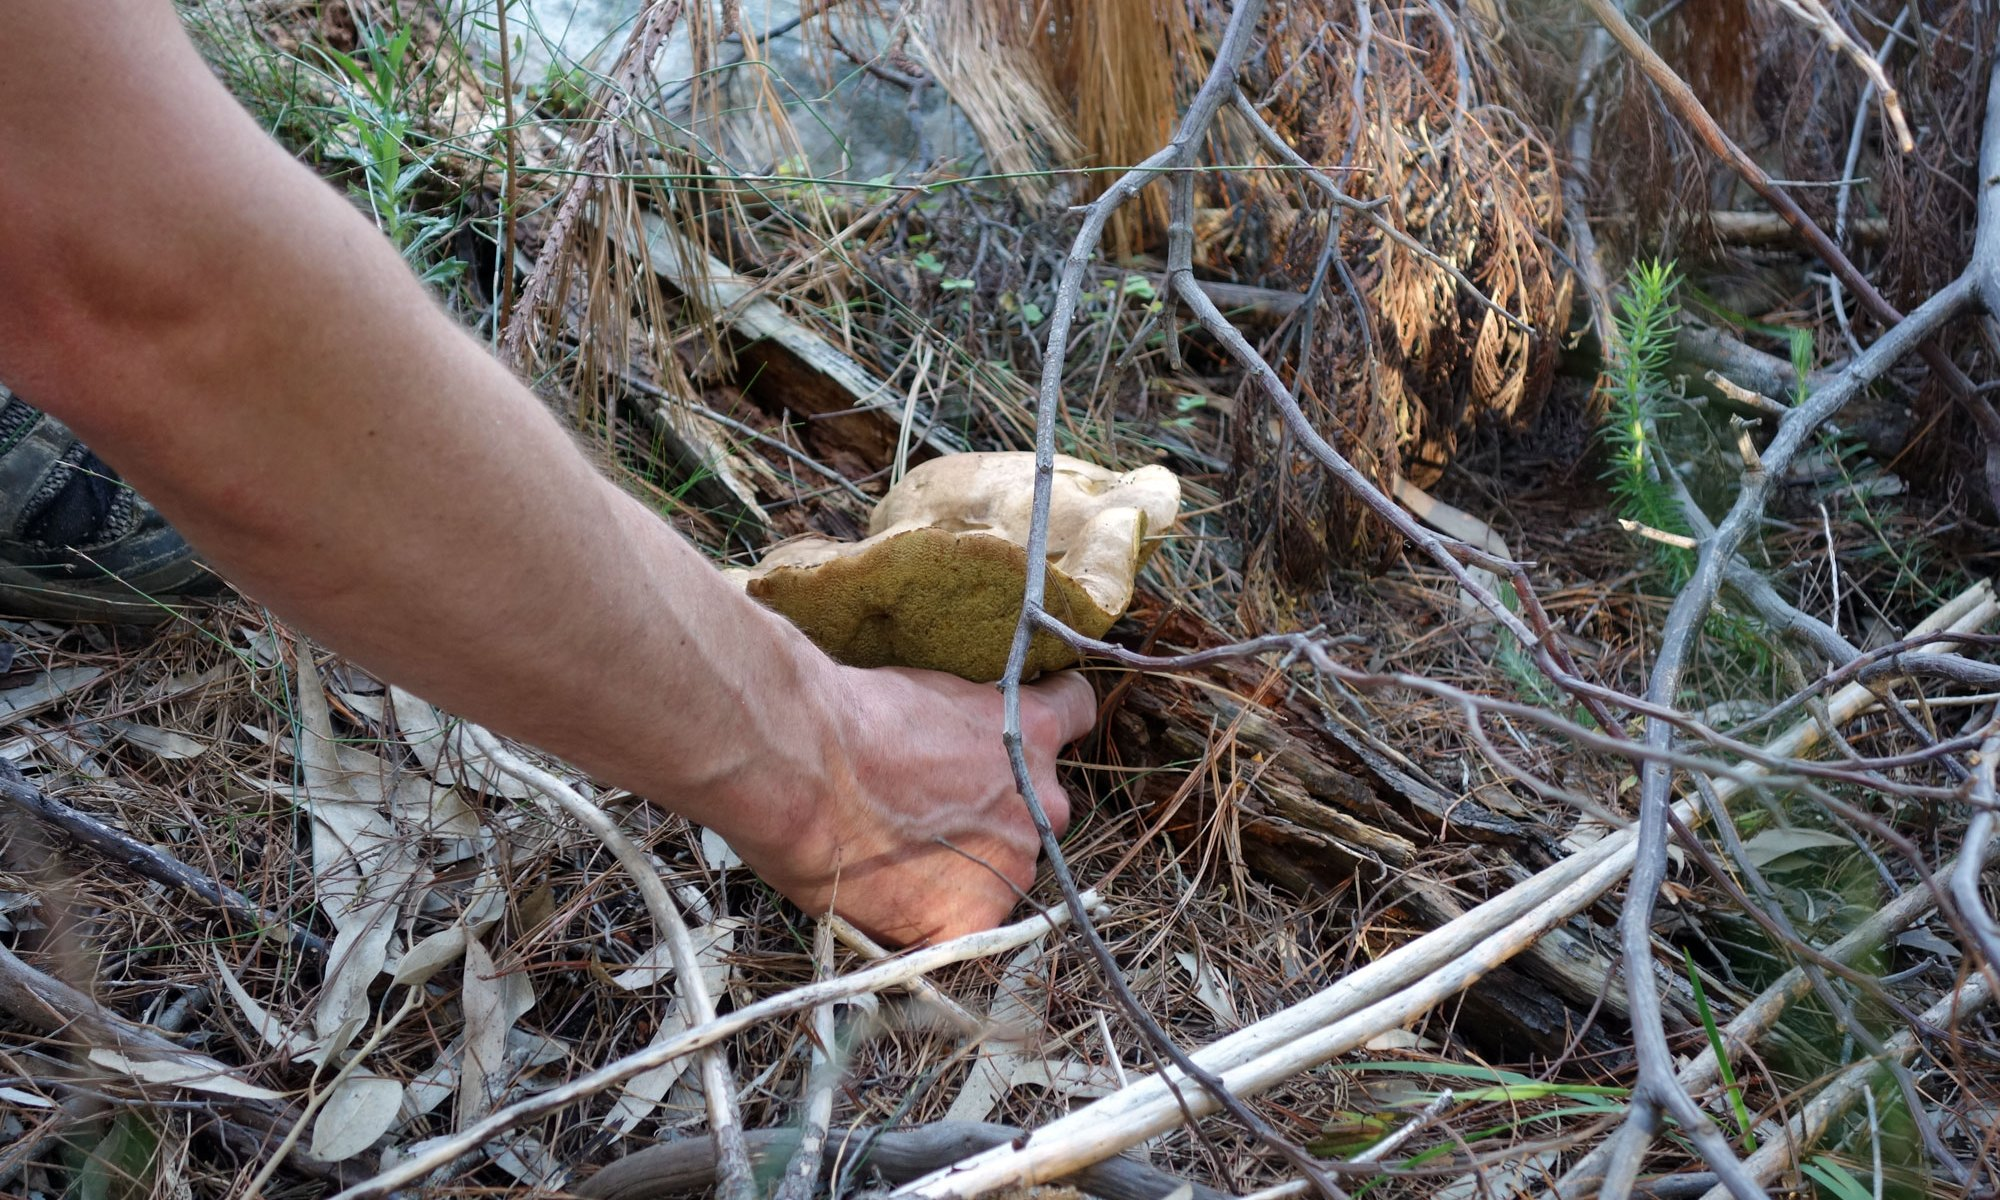 Mushroom harvesting in Suurbraak